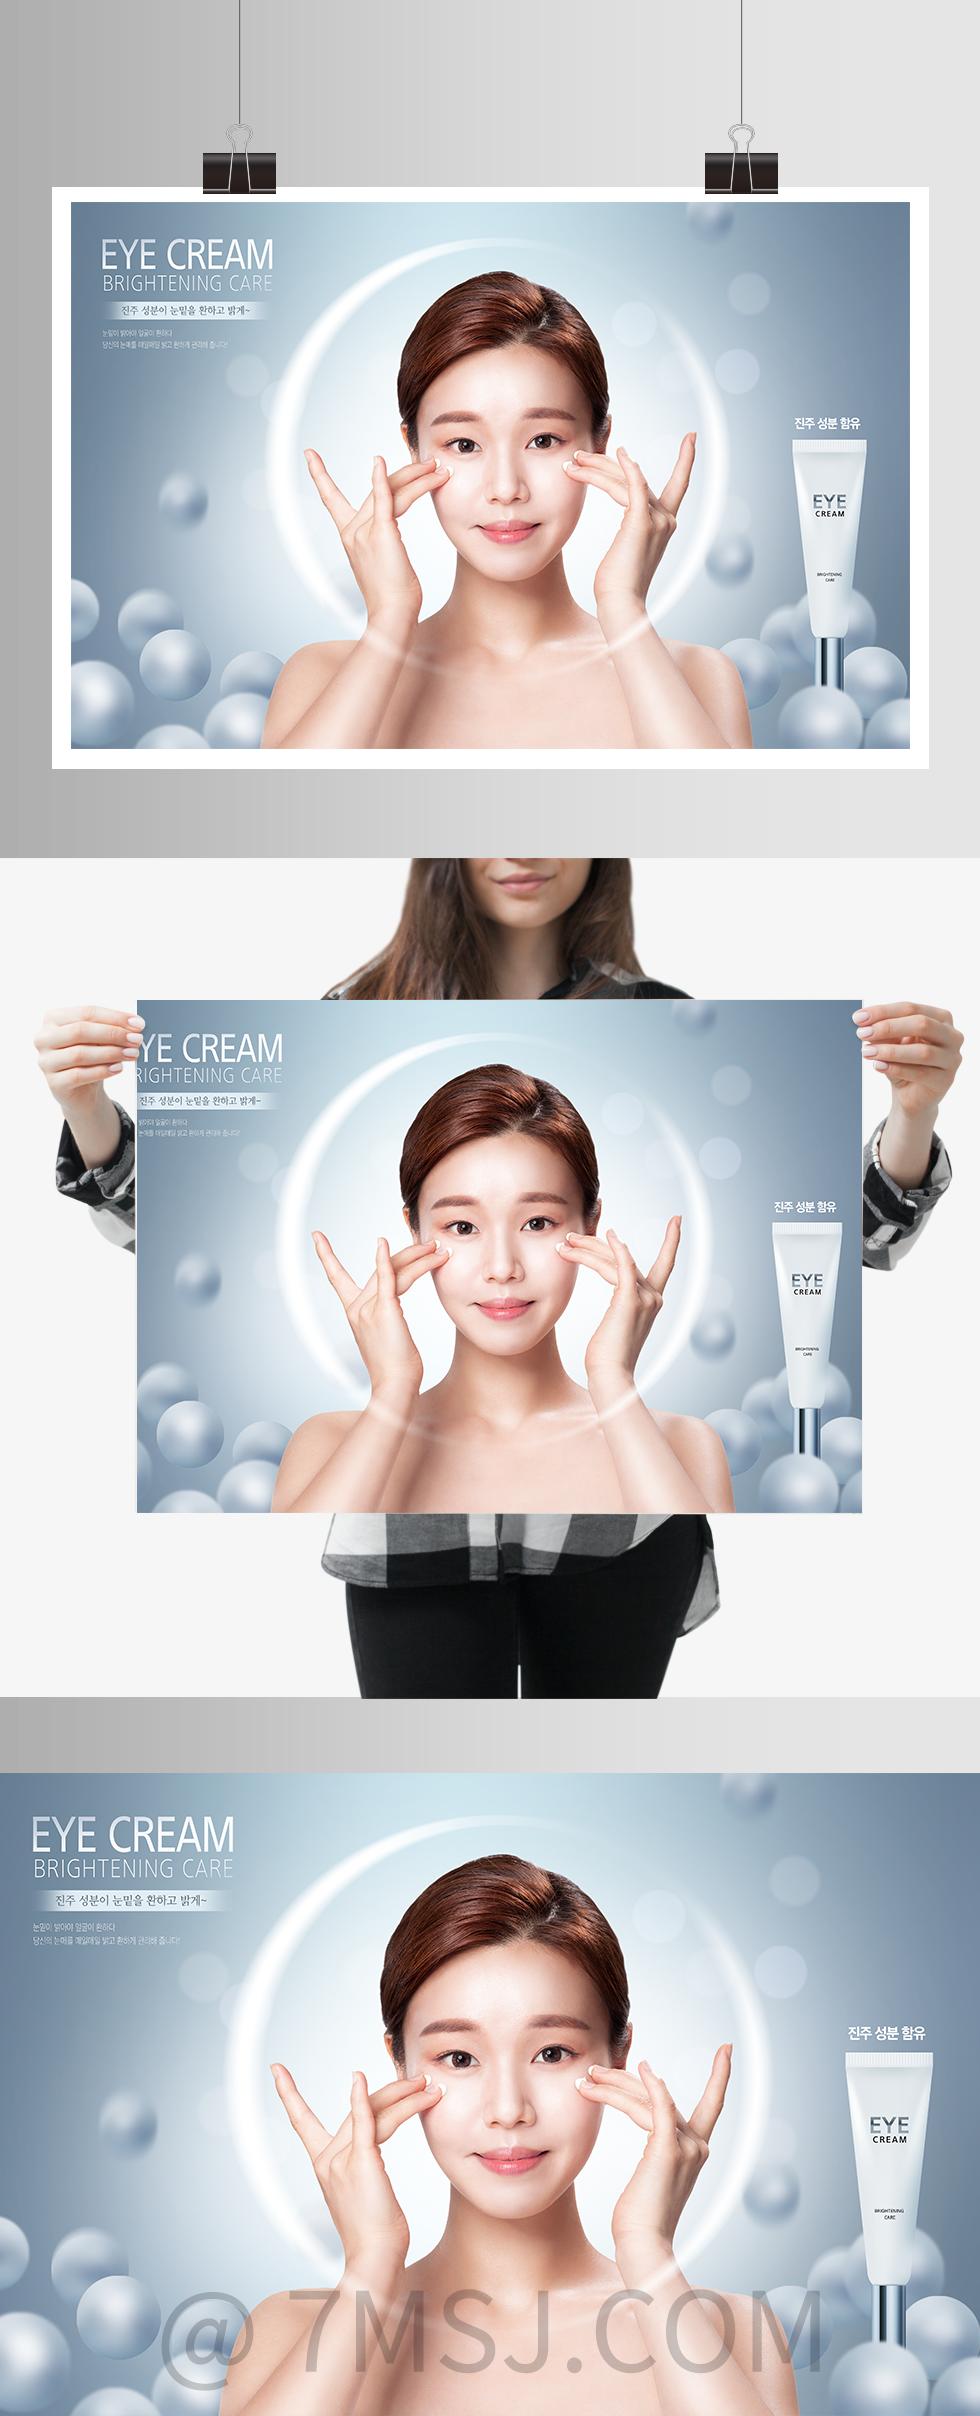 简约眼霜化妆品海报设计